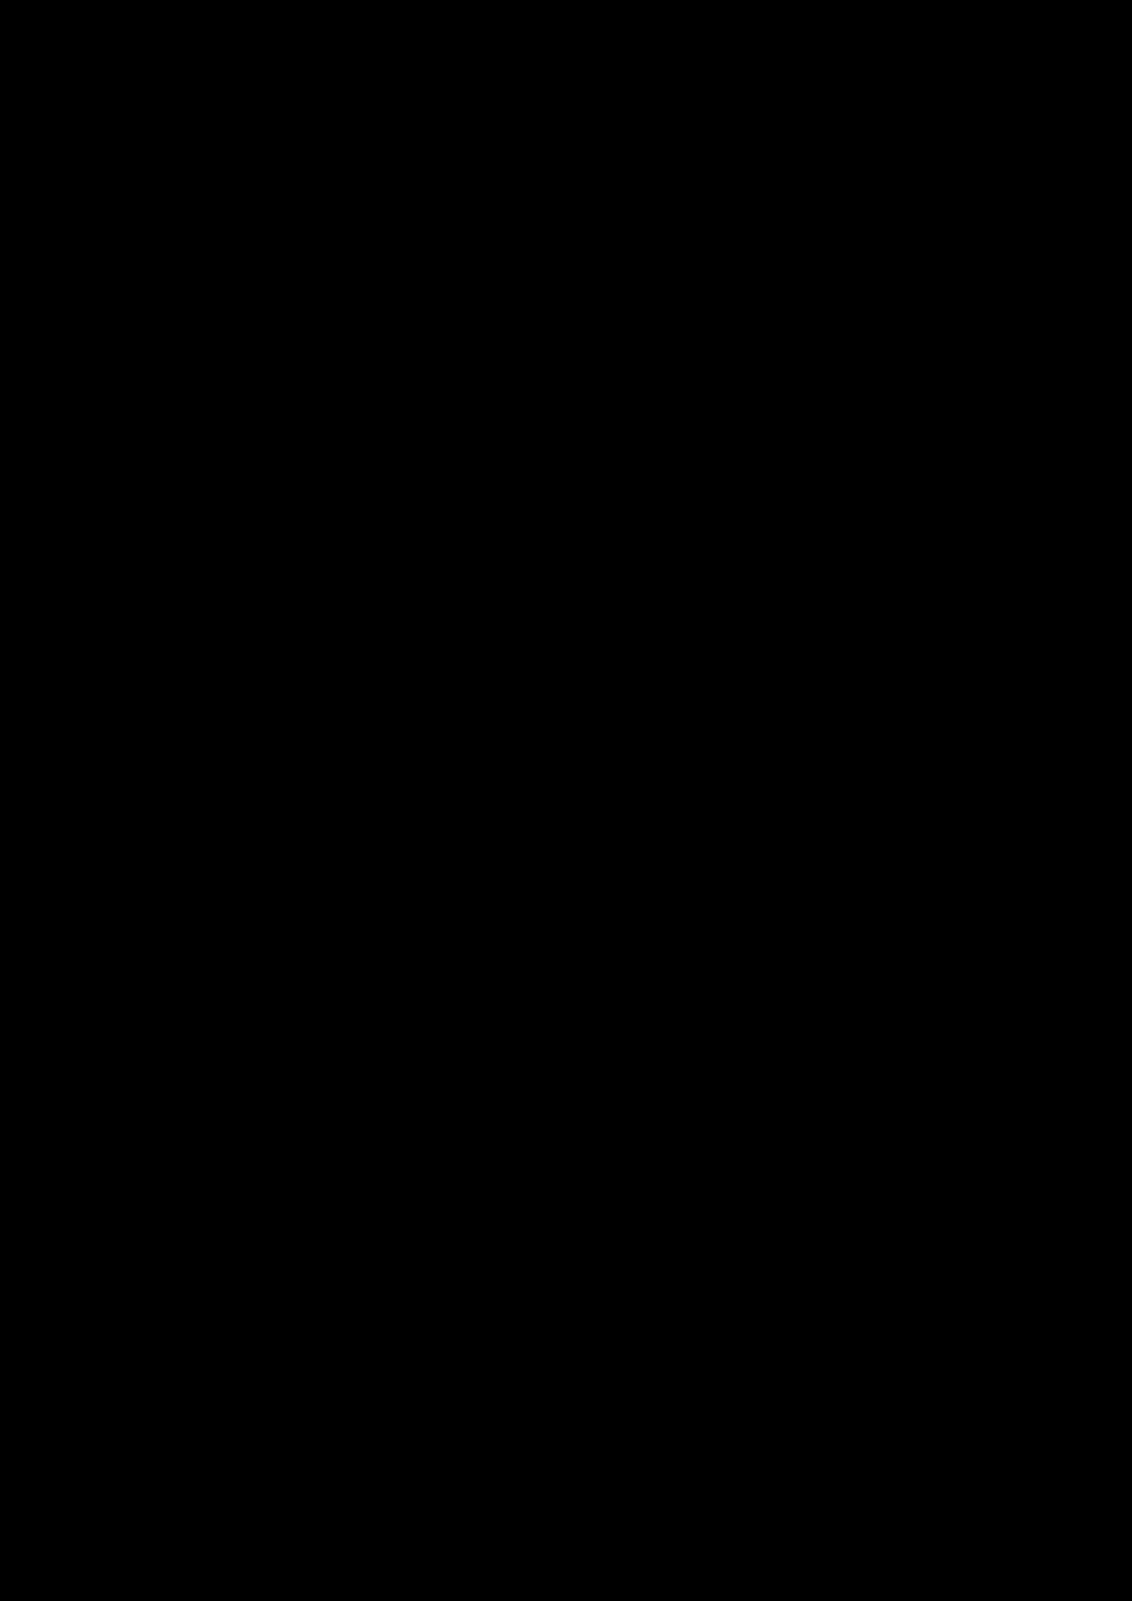 Hools slide, Image 27